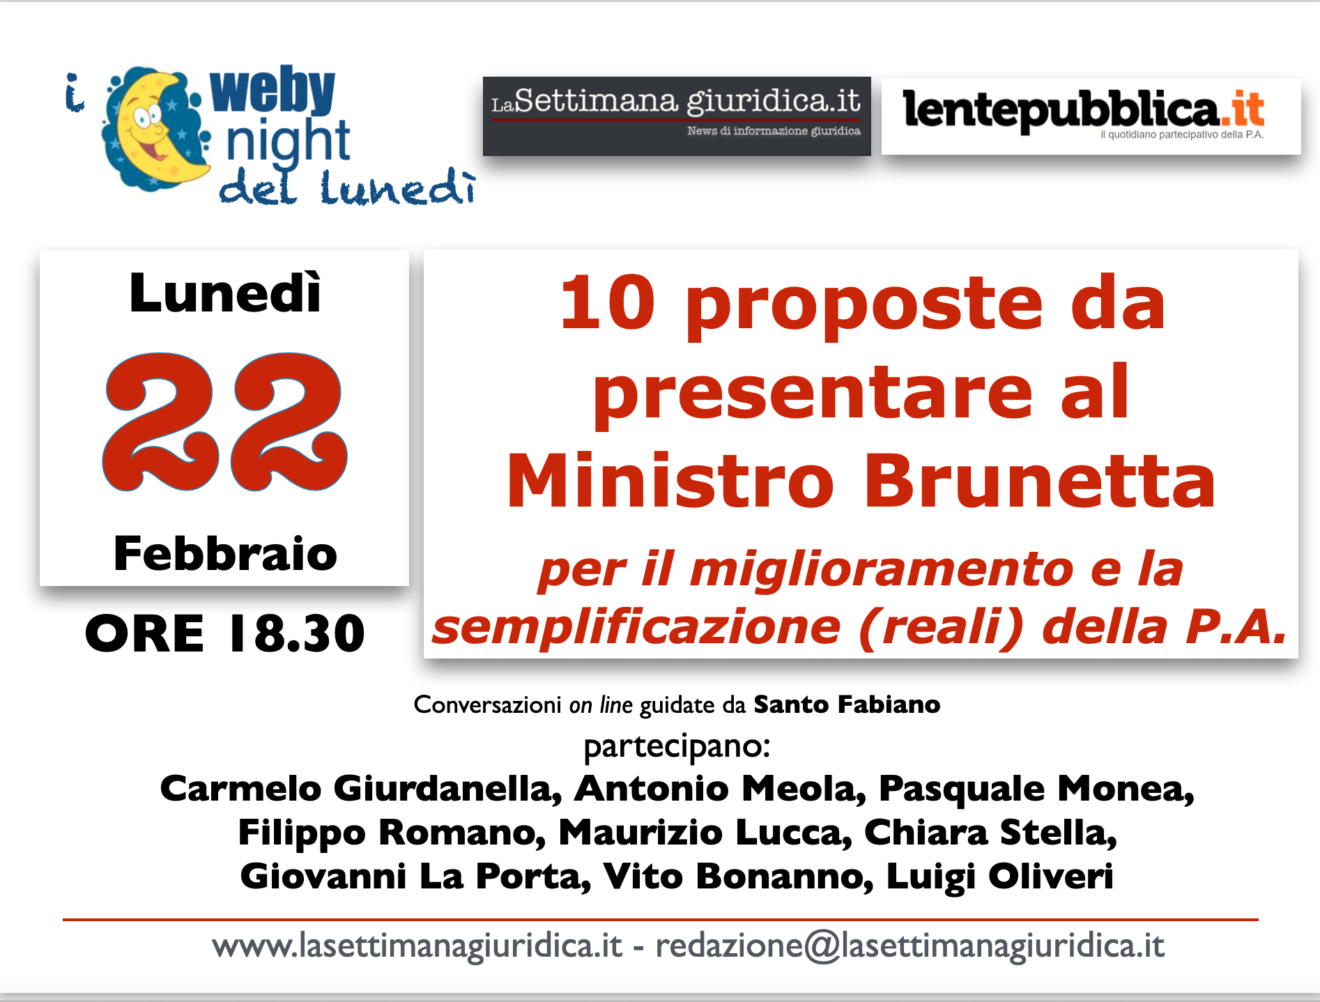 webinight: 10 proposte al Ministro Brunetta per la semplificazione e l'innovazione della P.A.